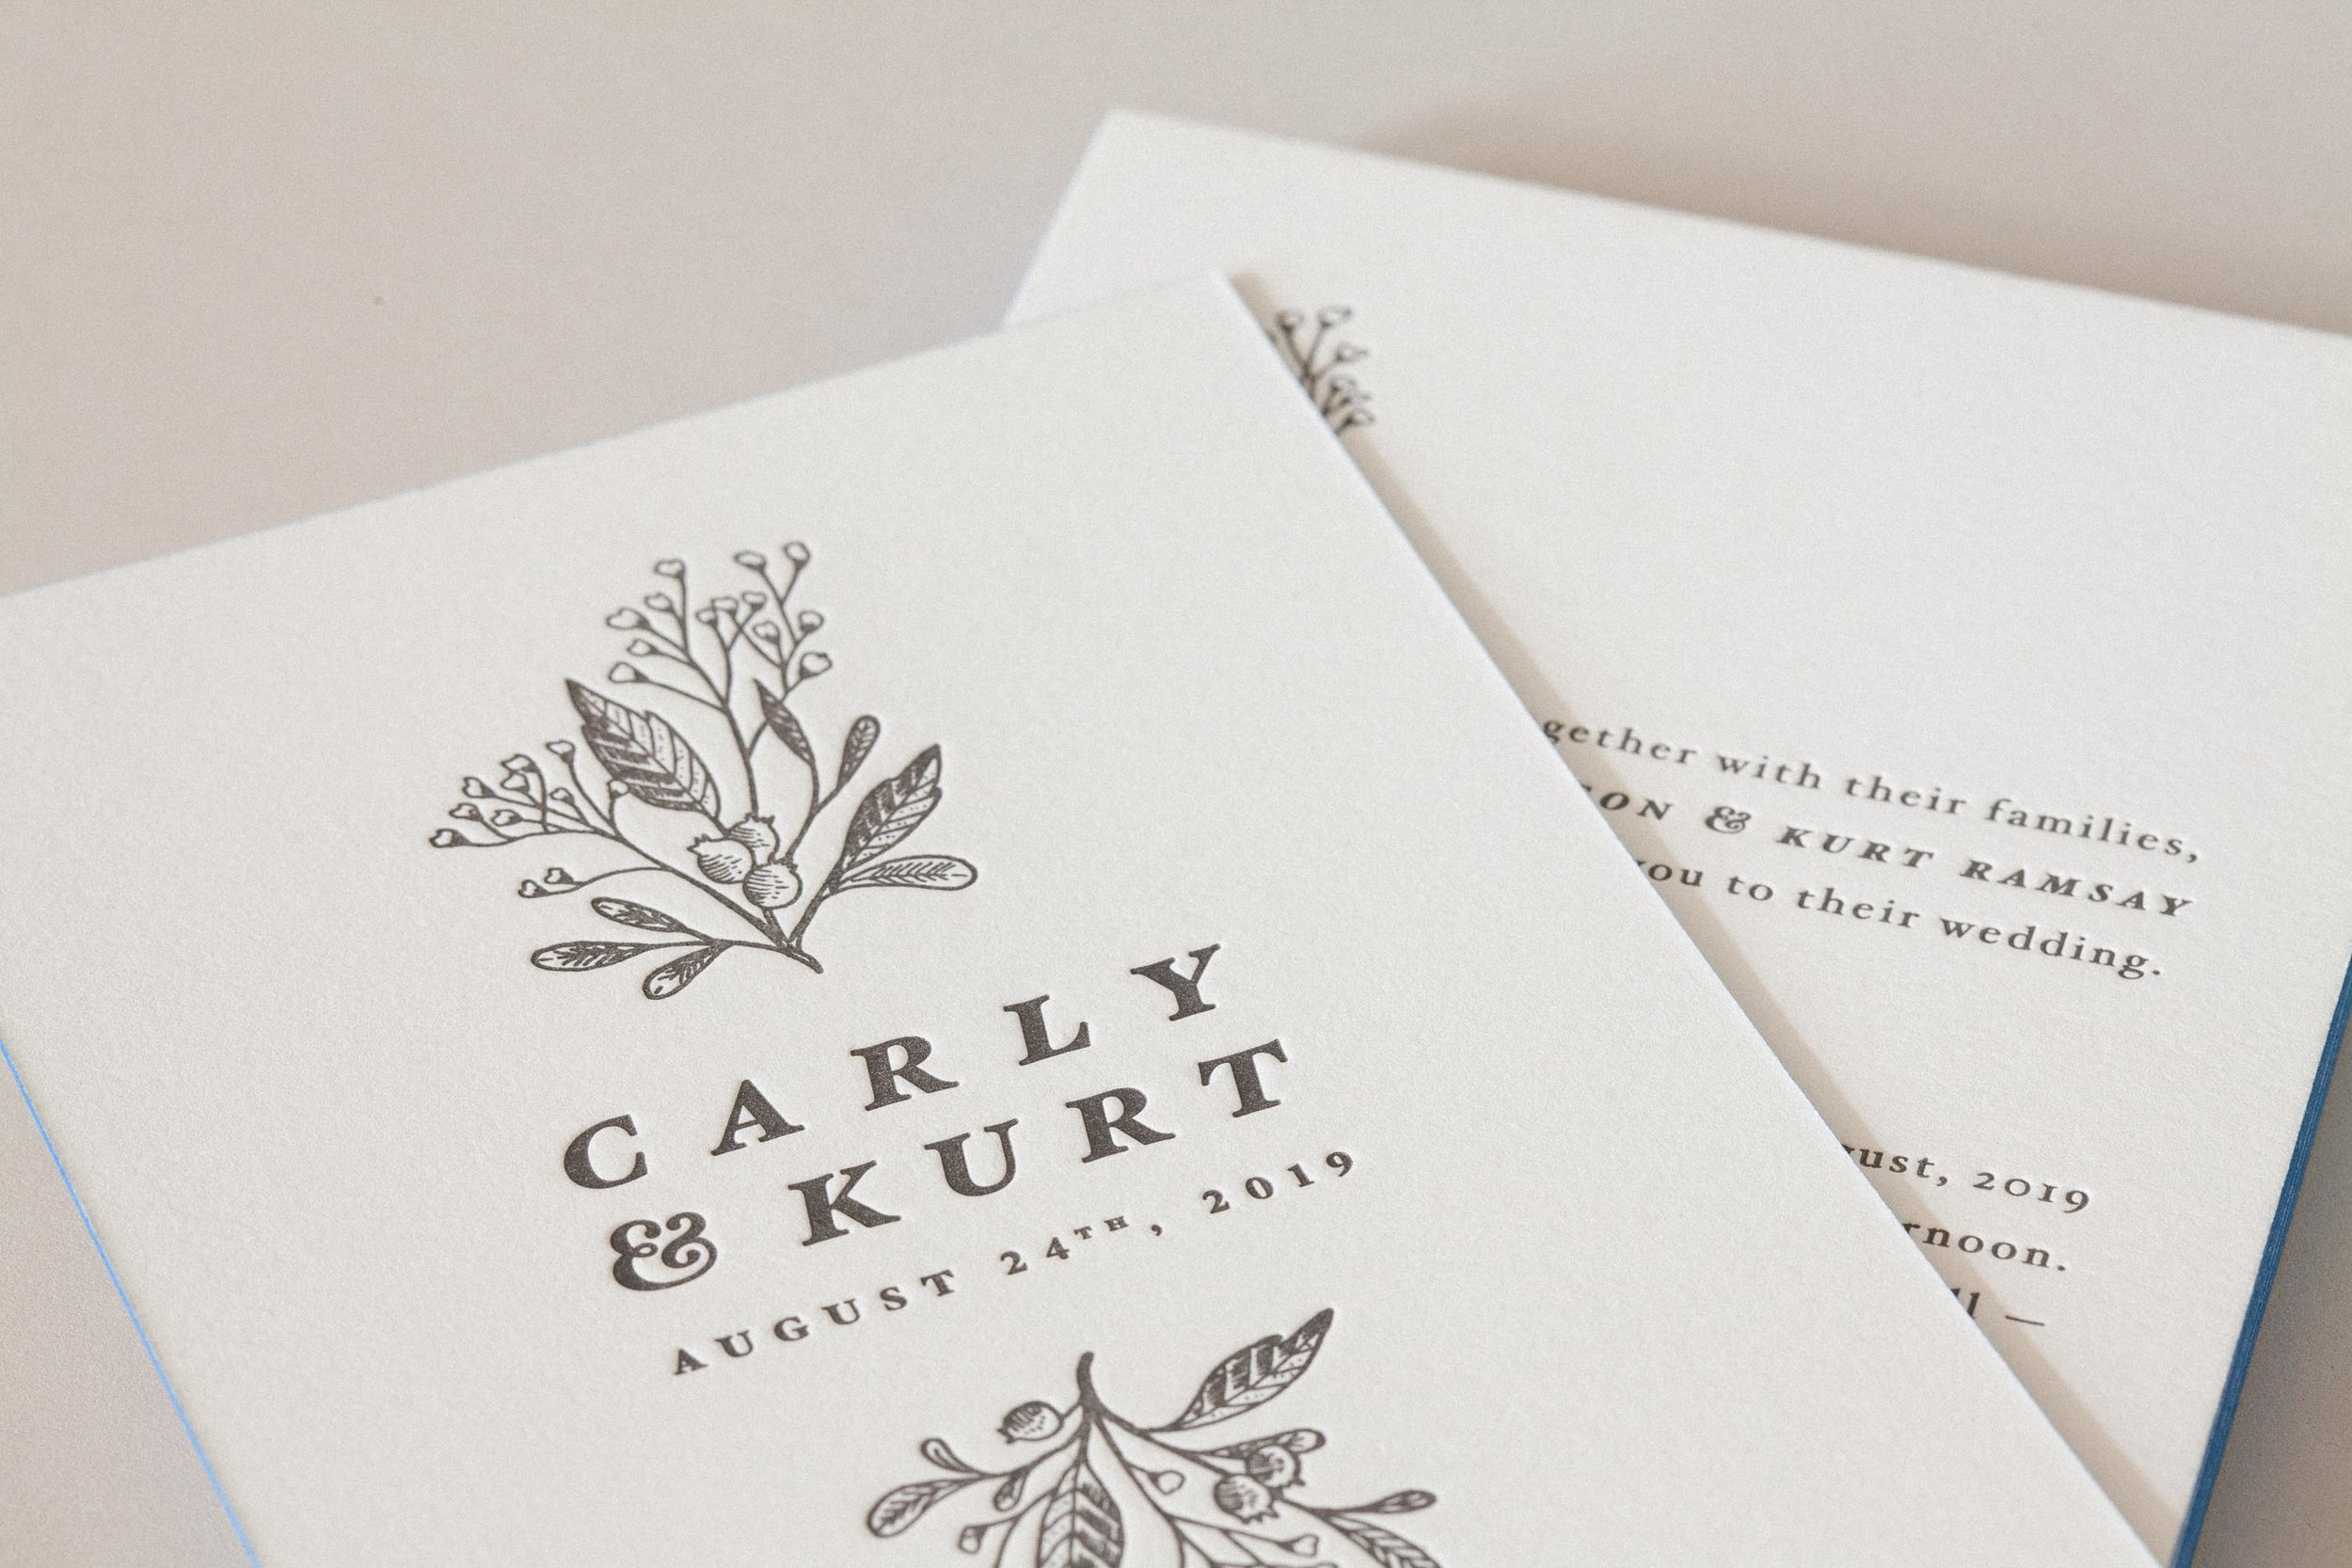 Carly&Kurt-1.jpg